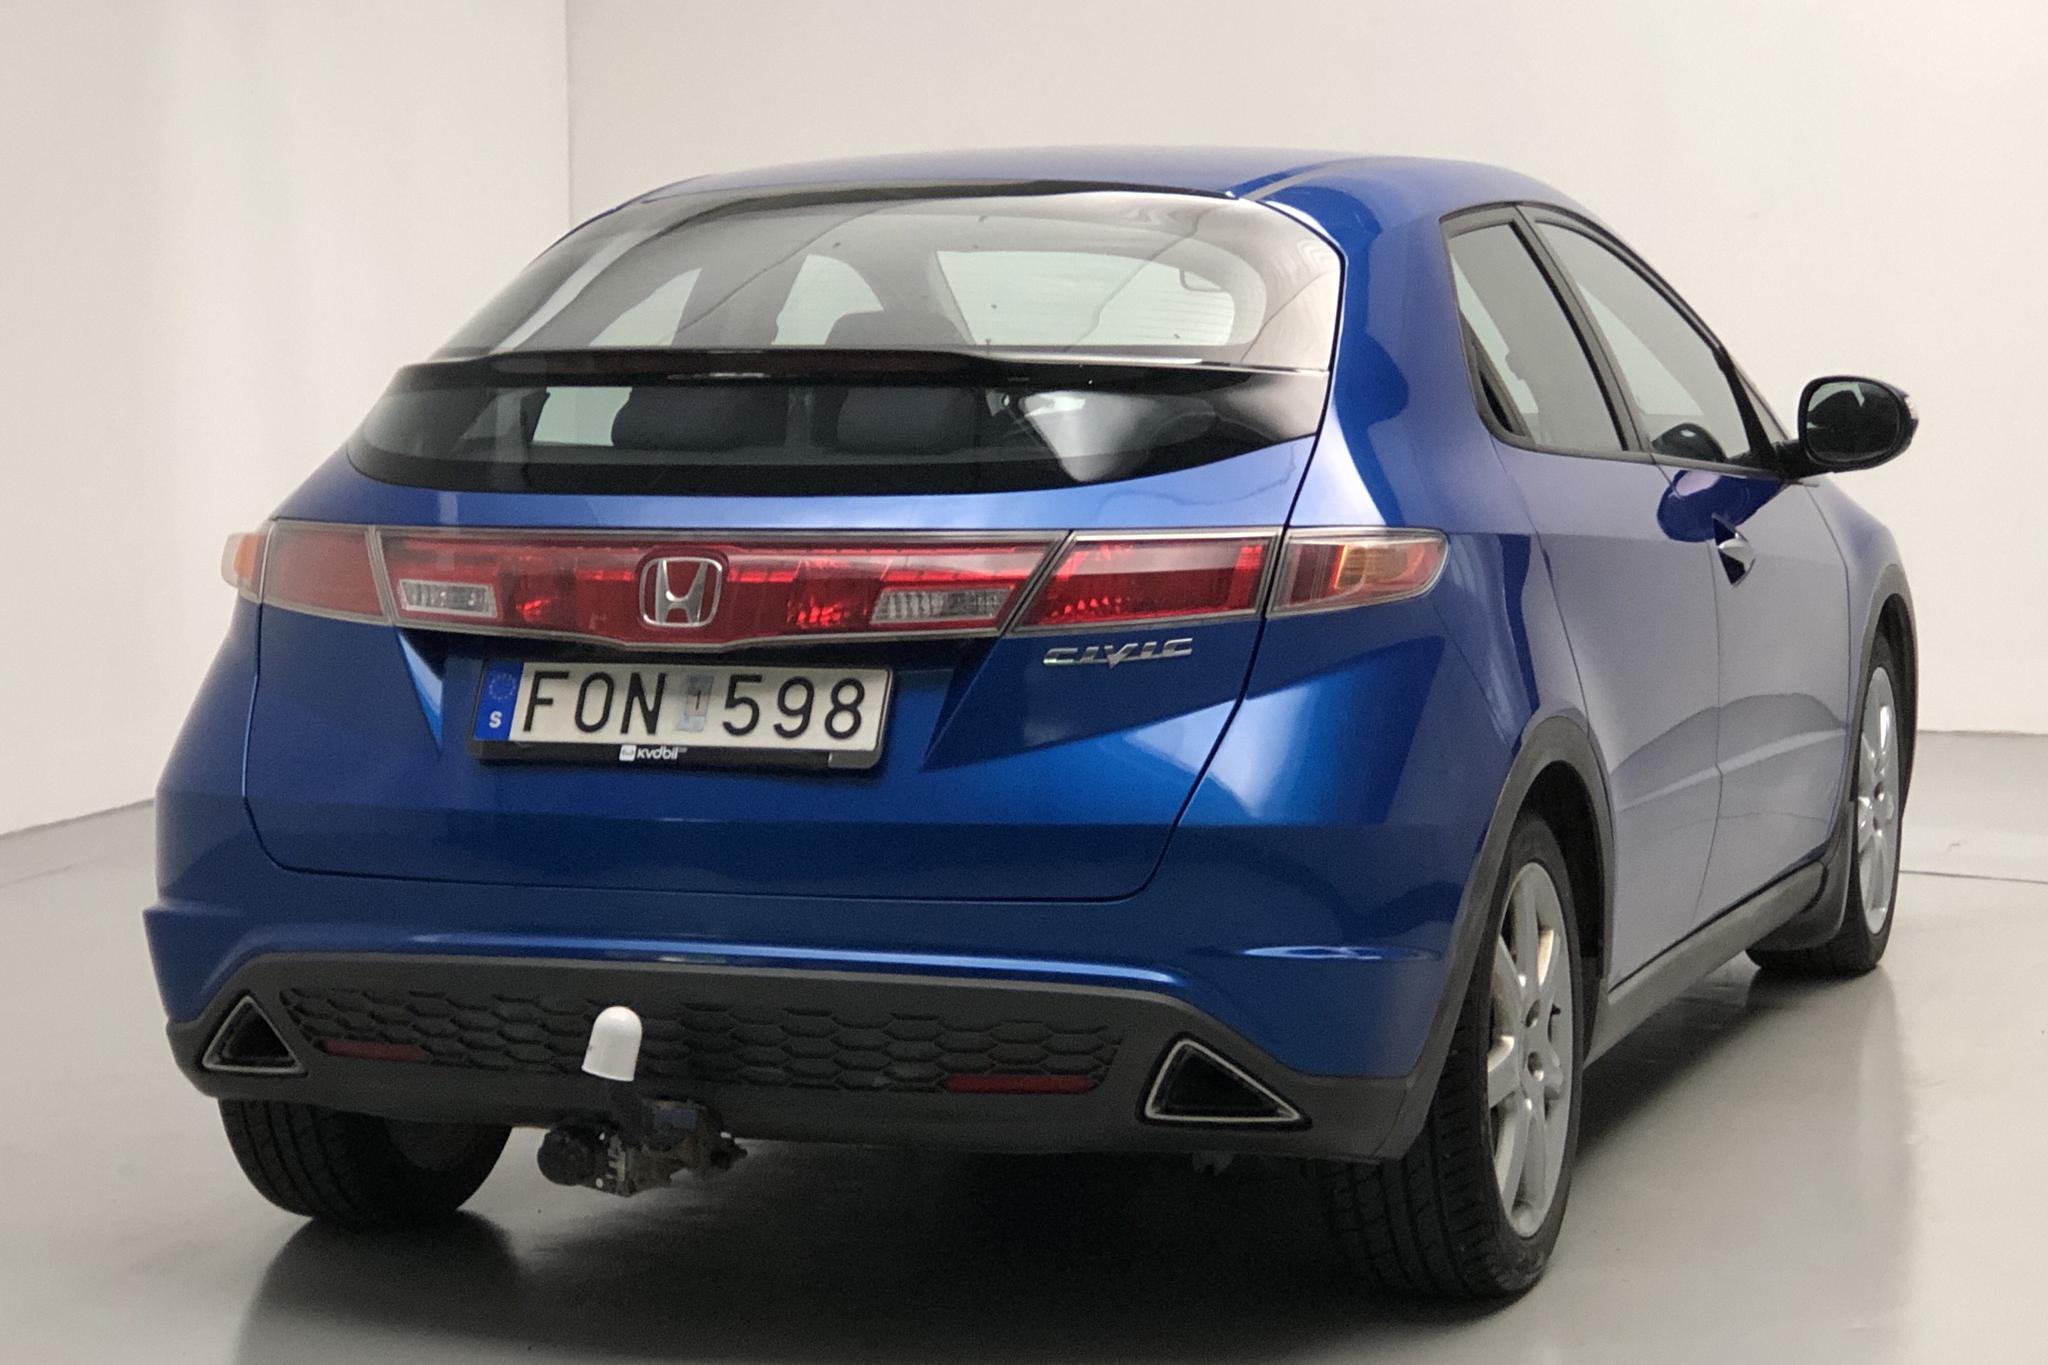 Honda Civic 1.8 5dr (140hk) - 160 550 km - Automatic - blue - 2007